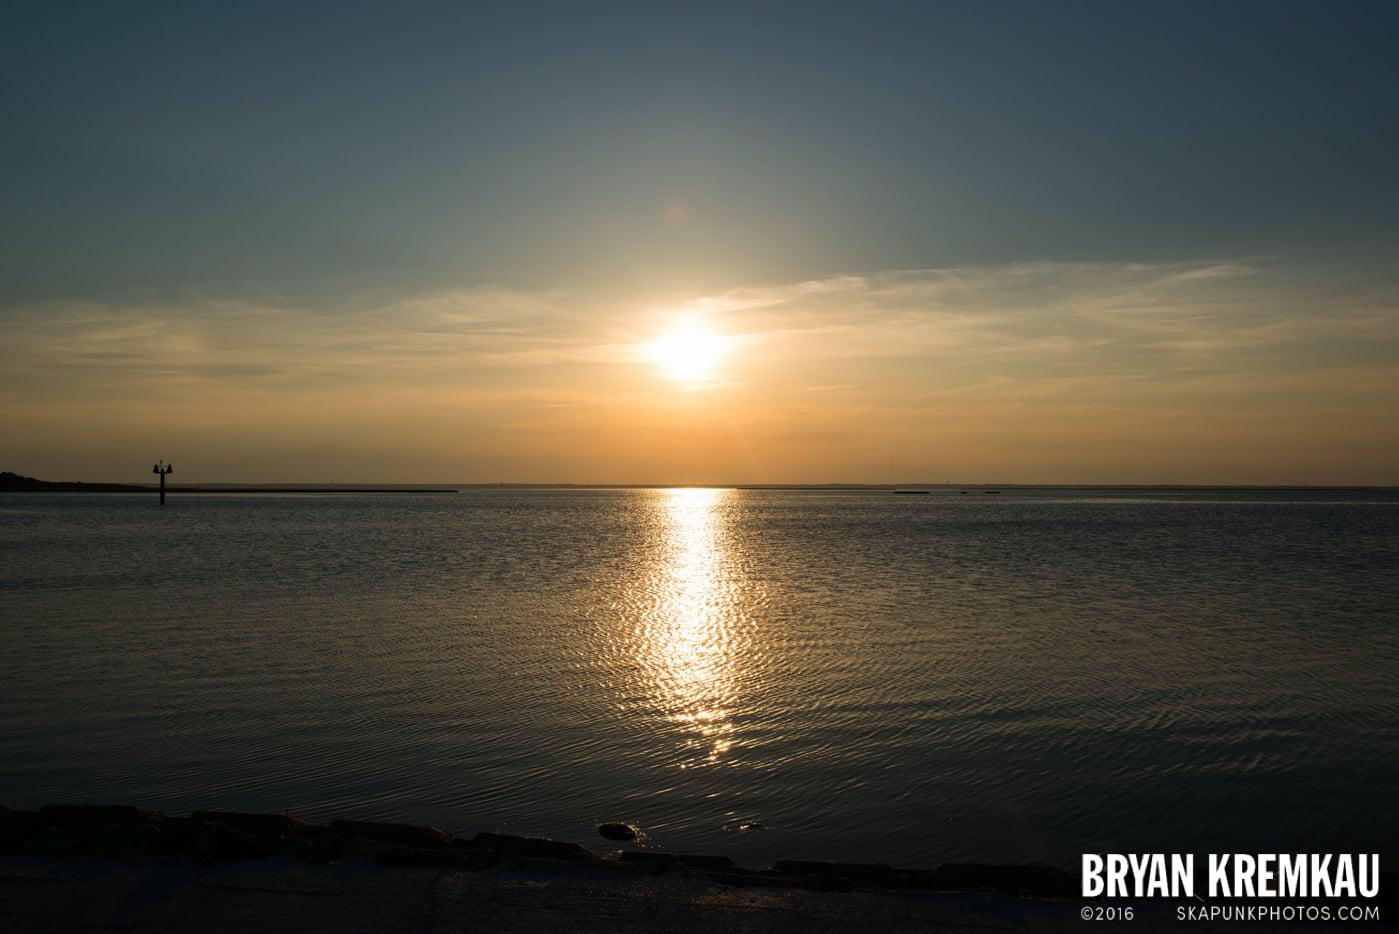 Beach Haven, Long Beach Island, NJ - 6.16.14 - 6.18.14 (87)